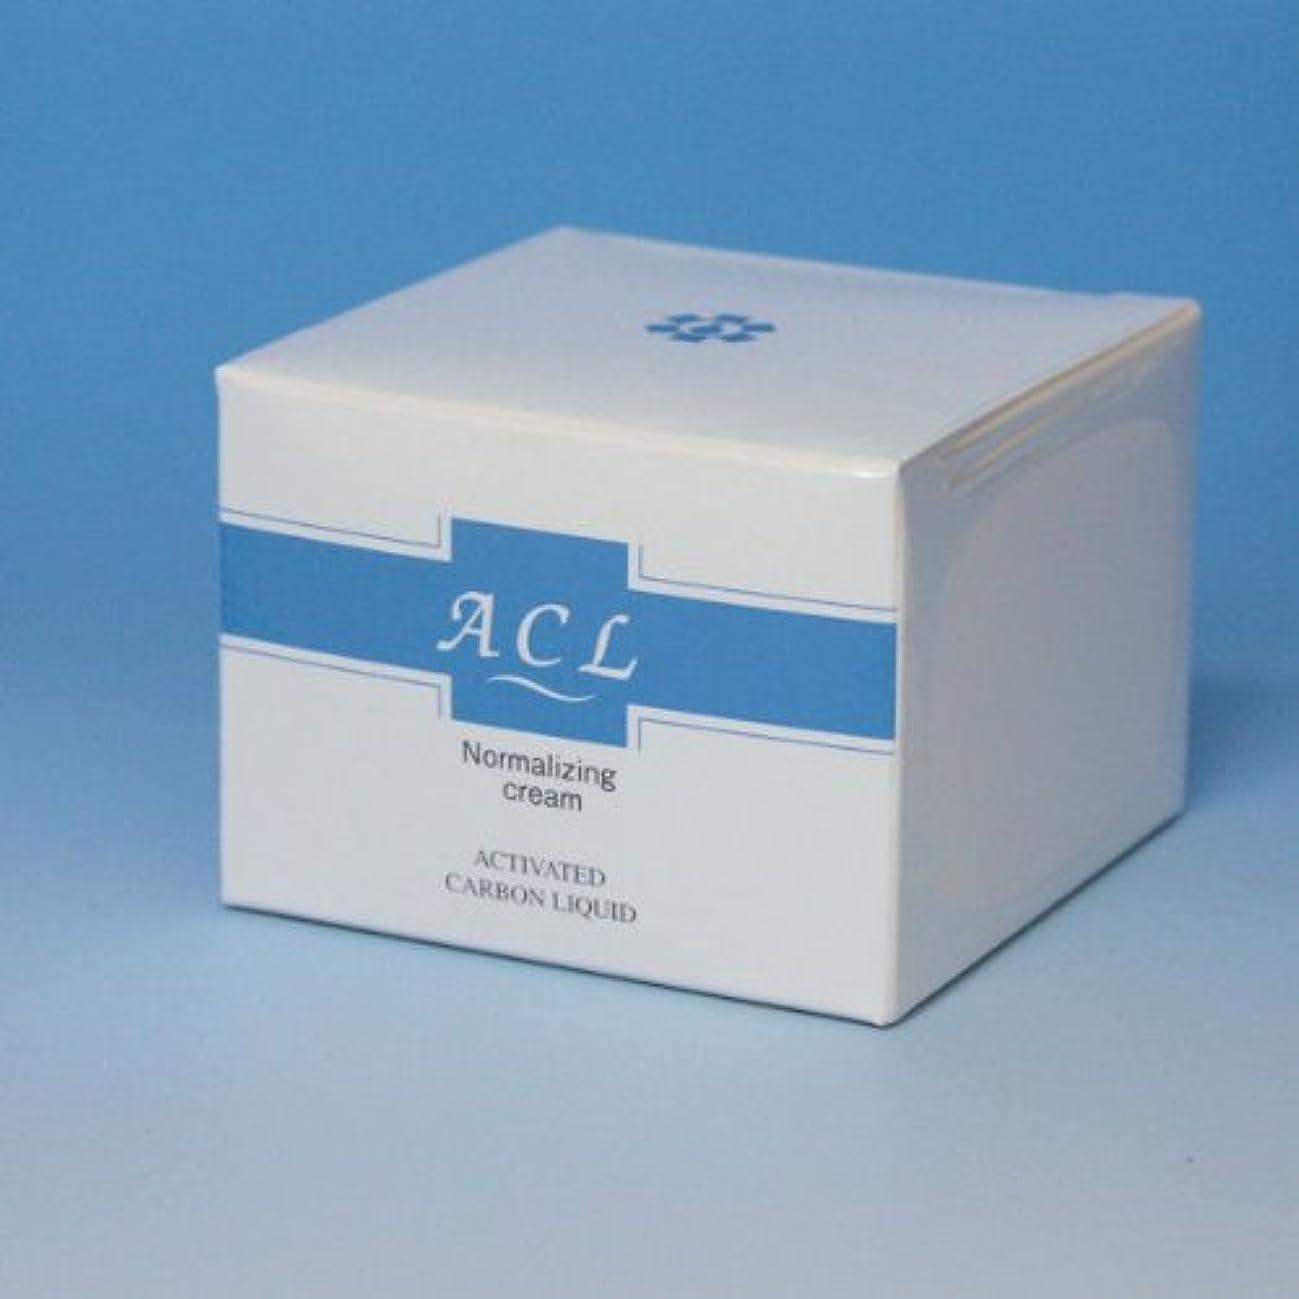 嘆く接続されたアミューズメント【日邦薬品】ACLノーマライジングクリーム 30g